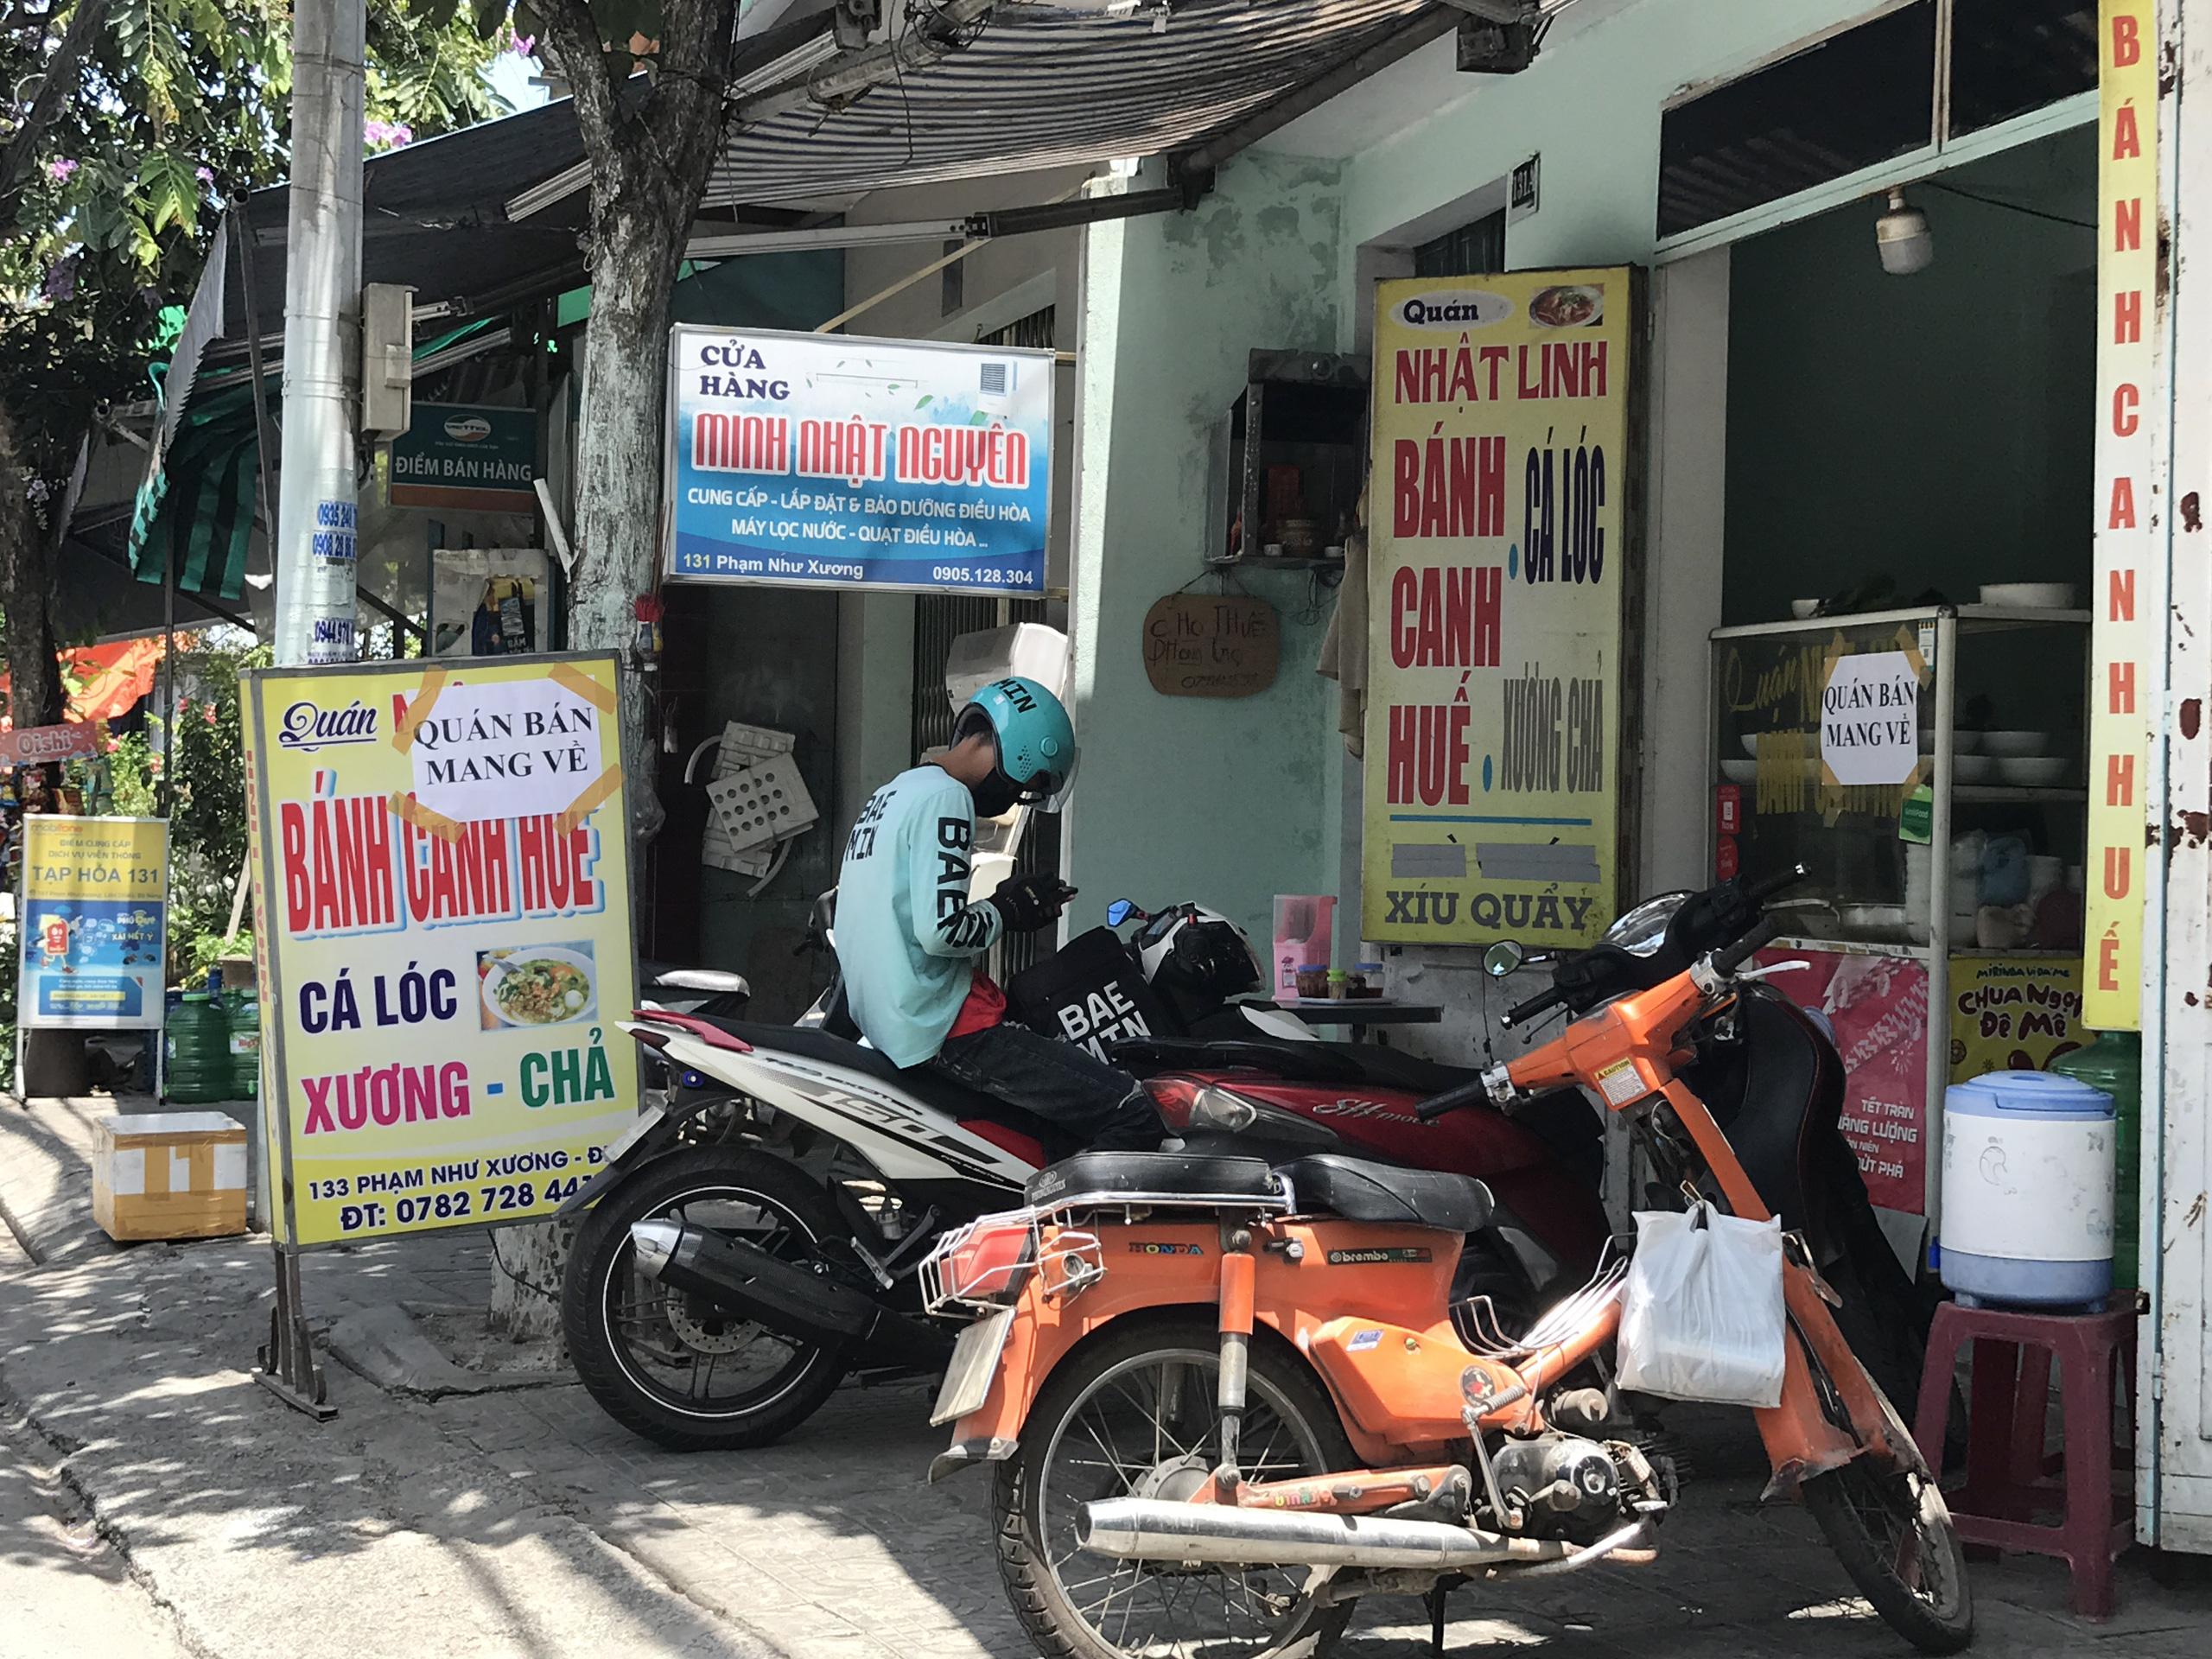 Đà Nẵng: Hàng quán nghiêm chỉnh treo bảng bán mang về, thậm chí đóng cửa để phòng chống dịch Covid-19 - Ảnh 6.